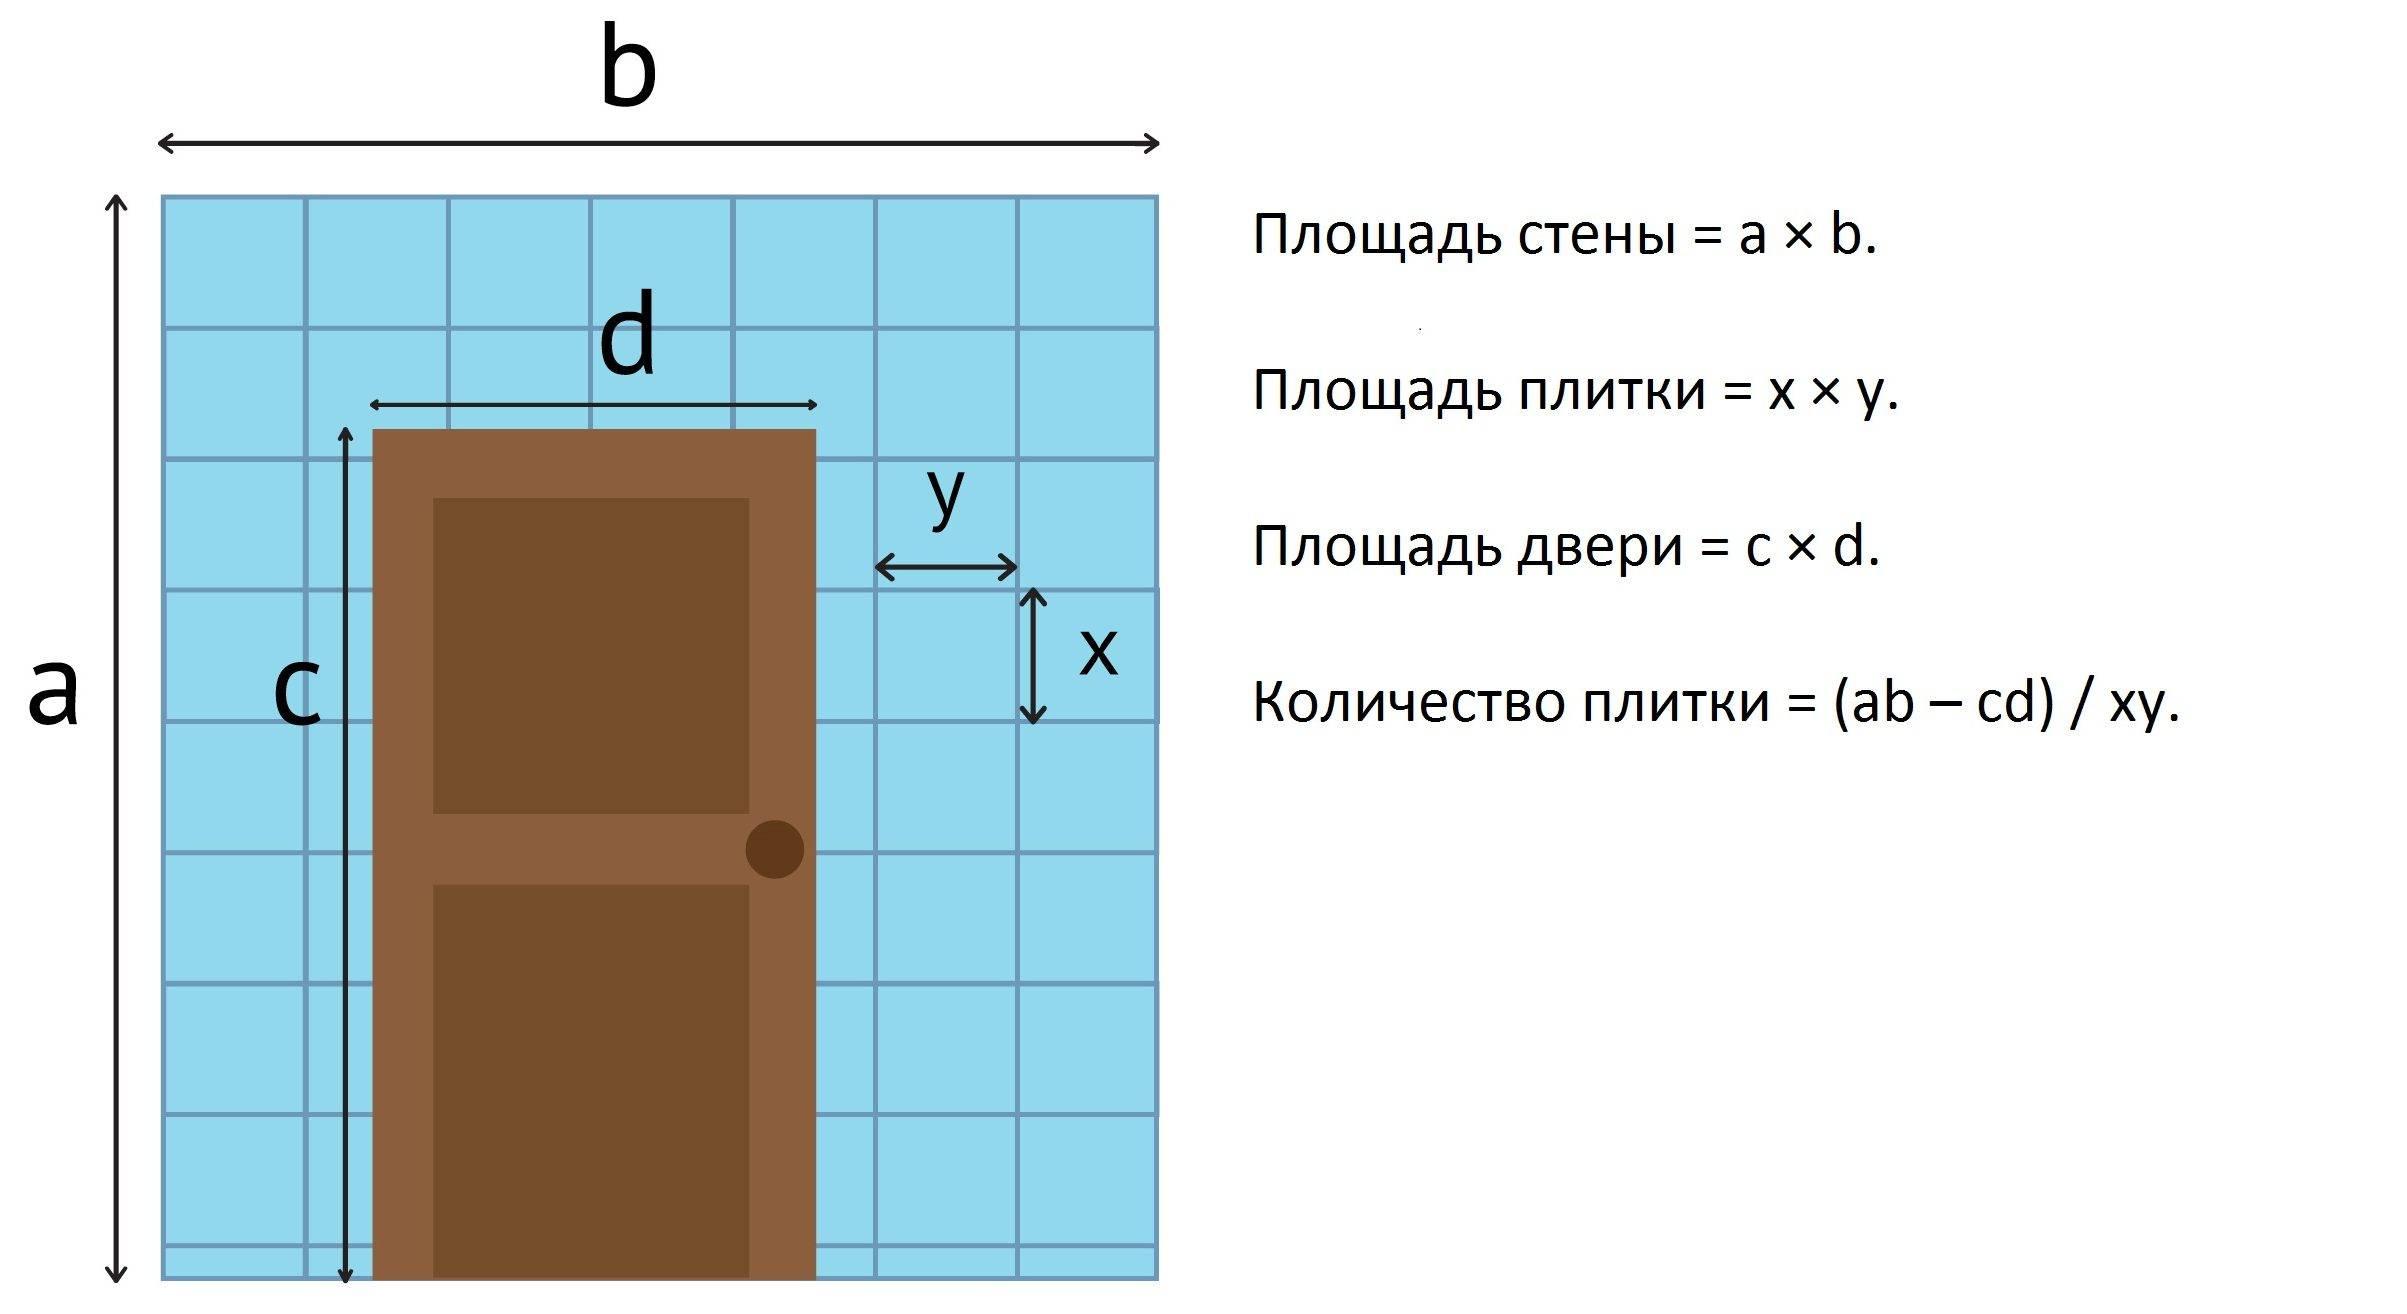 Как рассчитать количество плитки в ванную: способы укладки + порядок расчетов